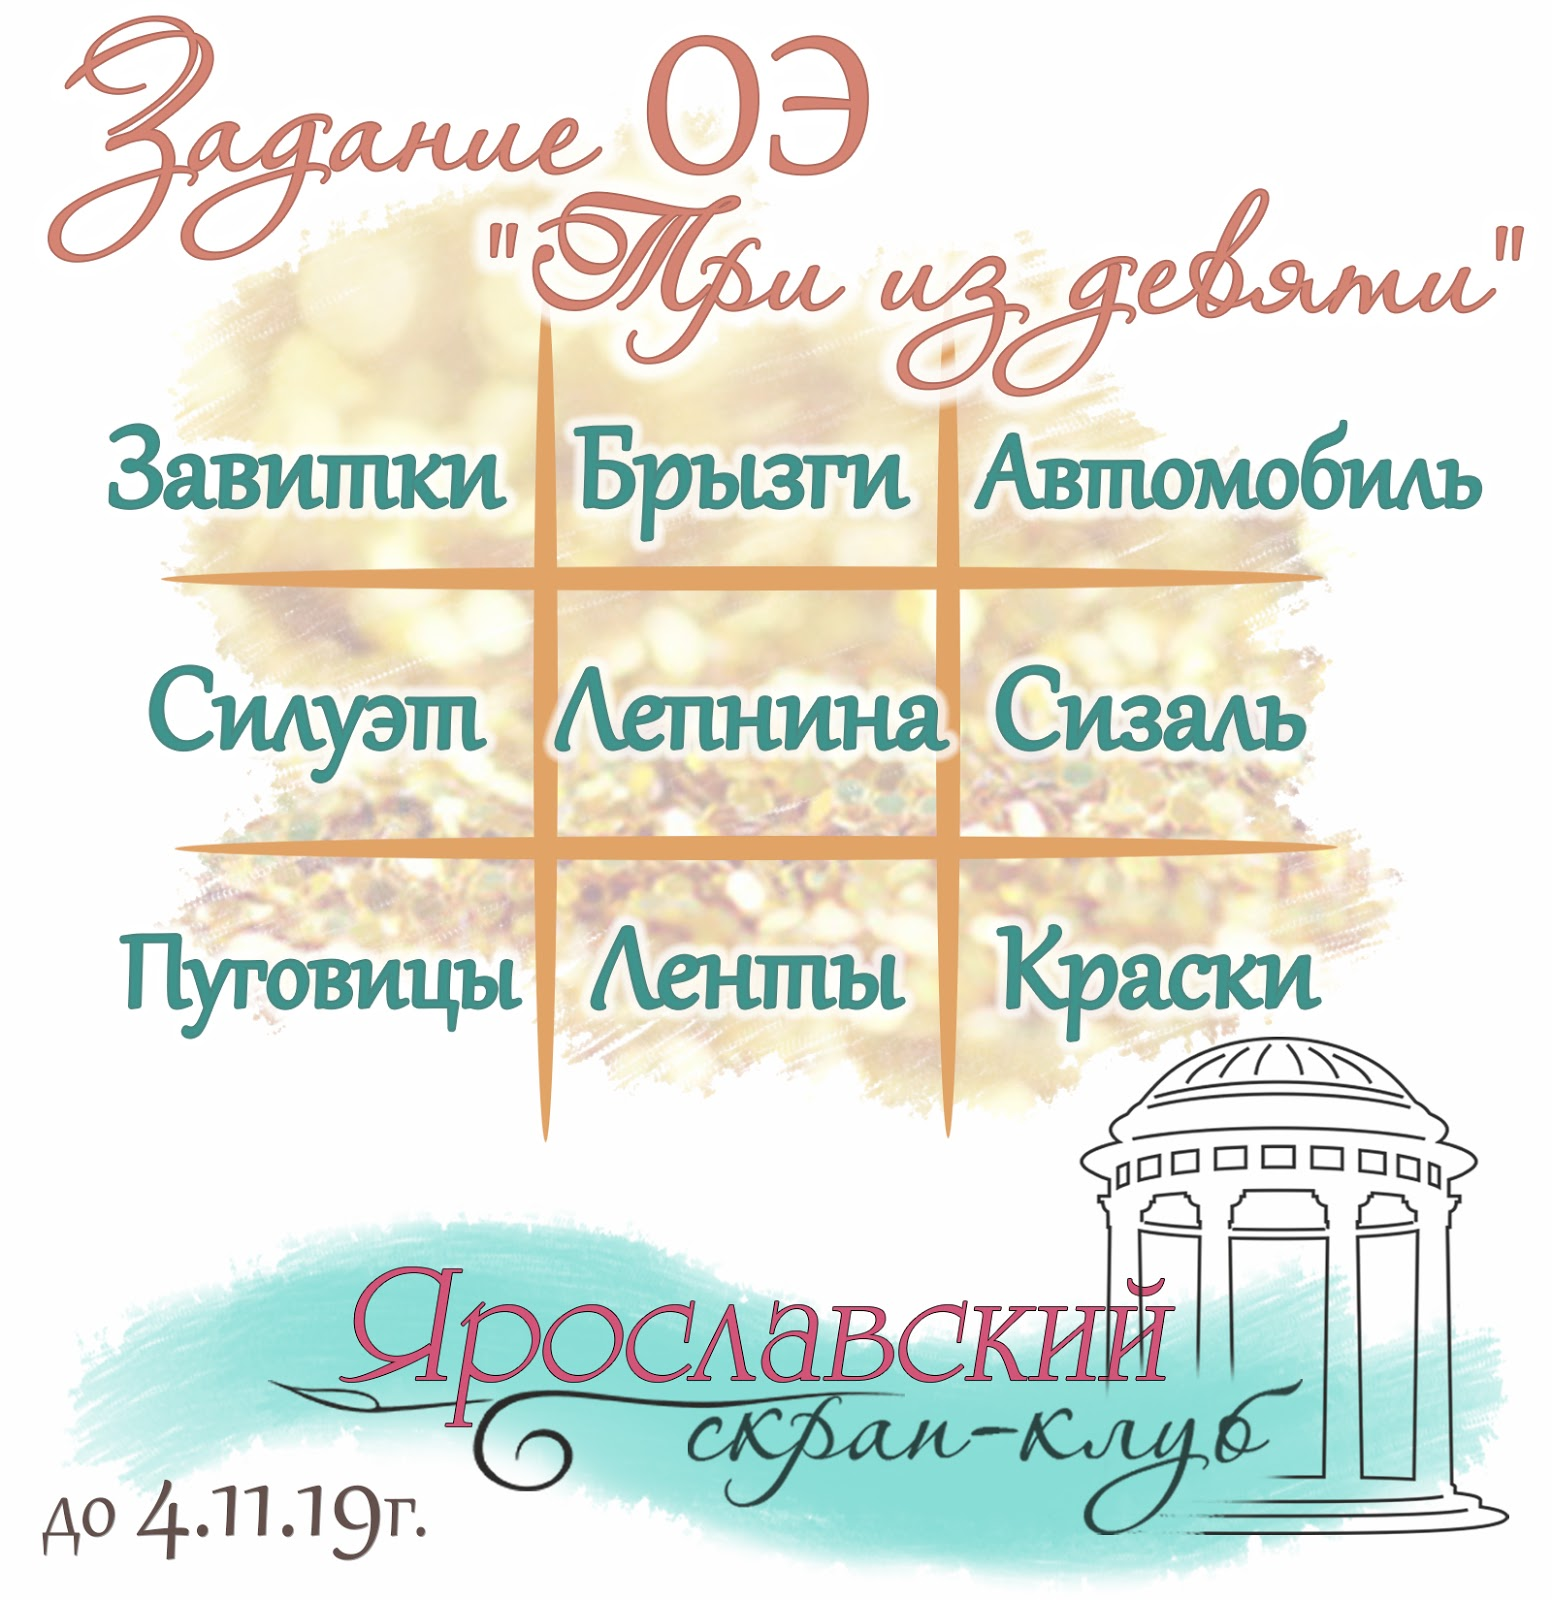 """ОЭ """"Три из девяти"""" до 04.11.19 г."""